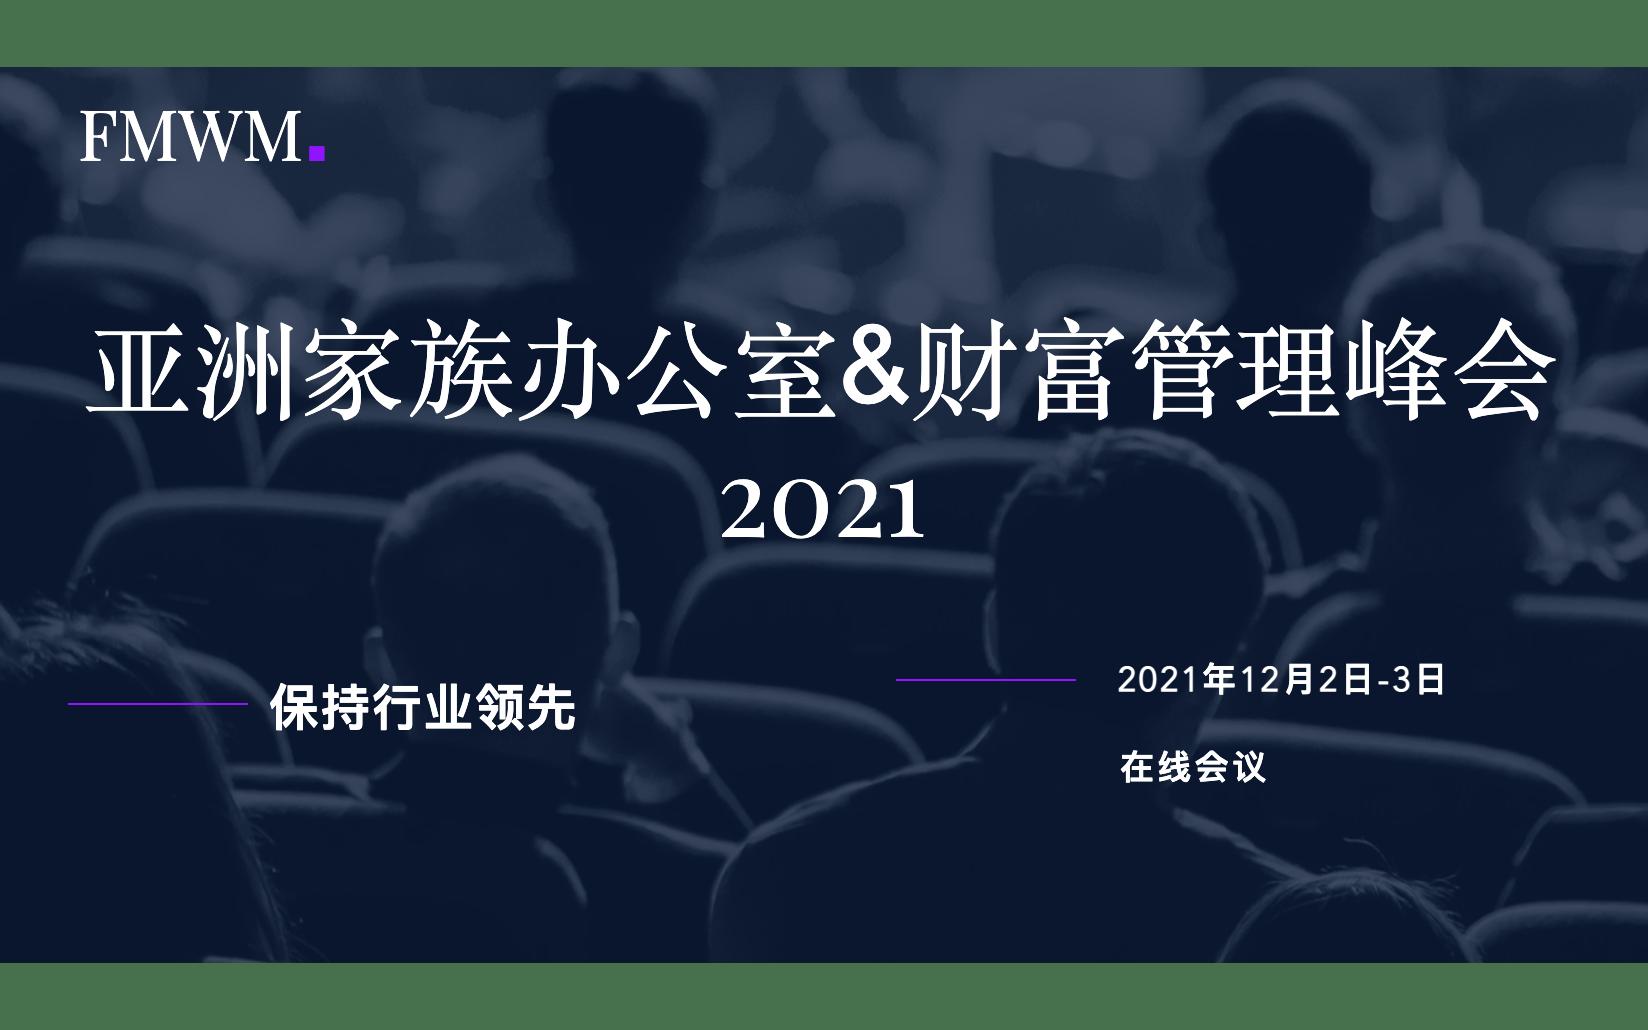 亚洲家族办公室&财富管理峰会2021